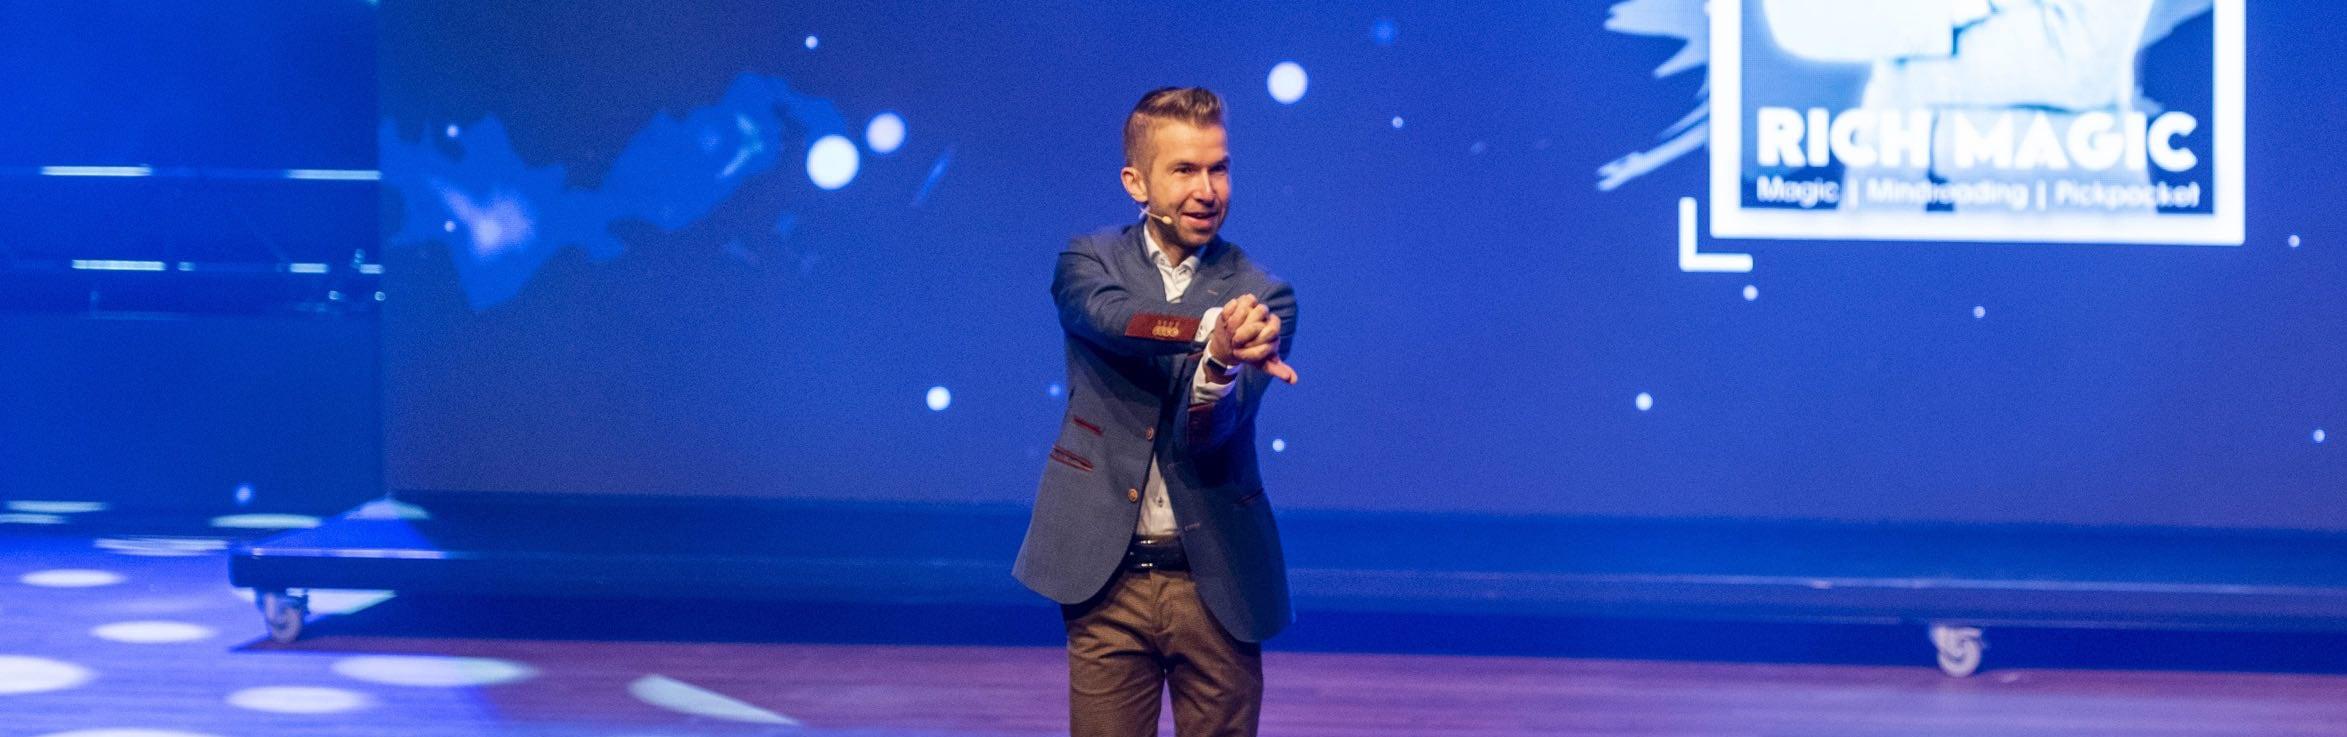 Show spreker en illusionist Richard Jansen